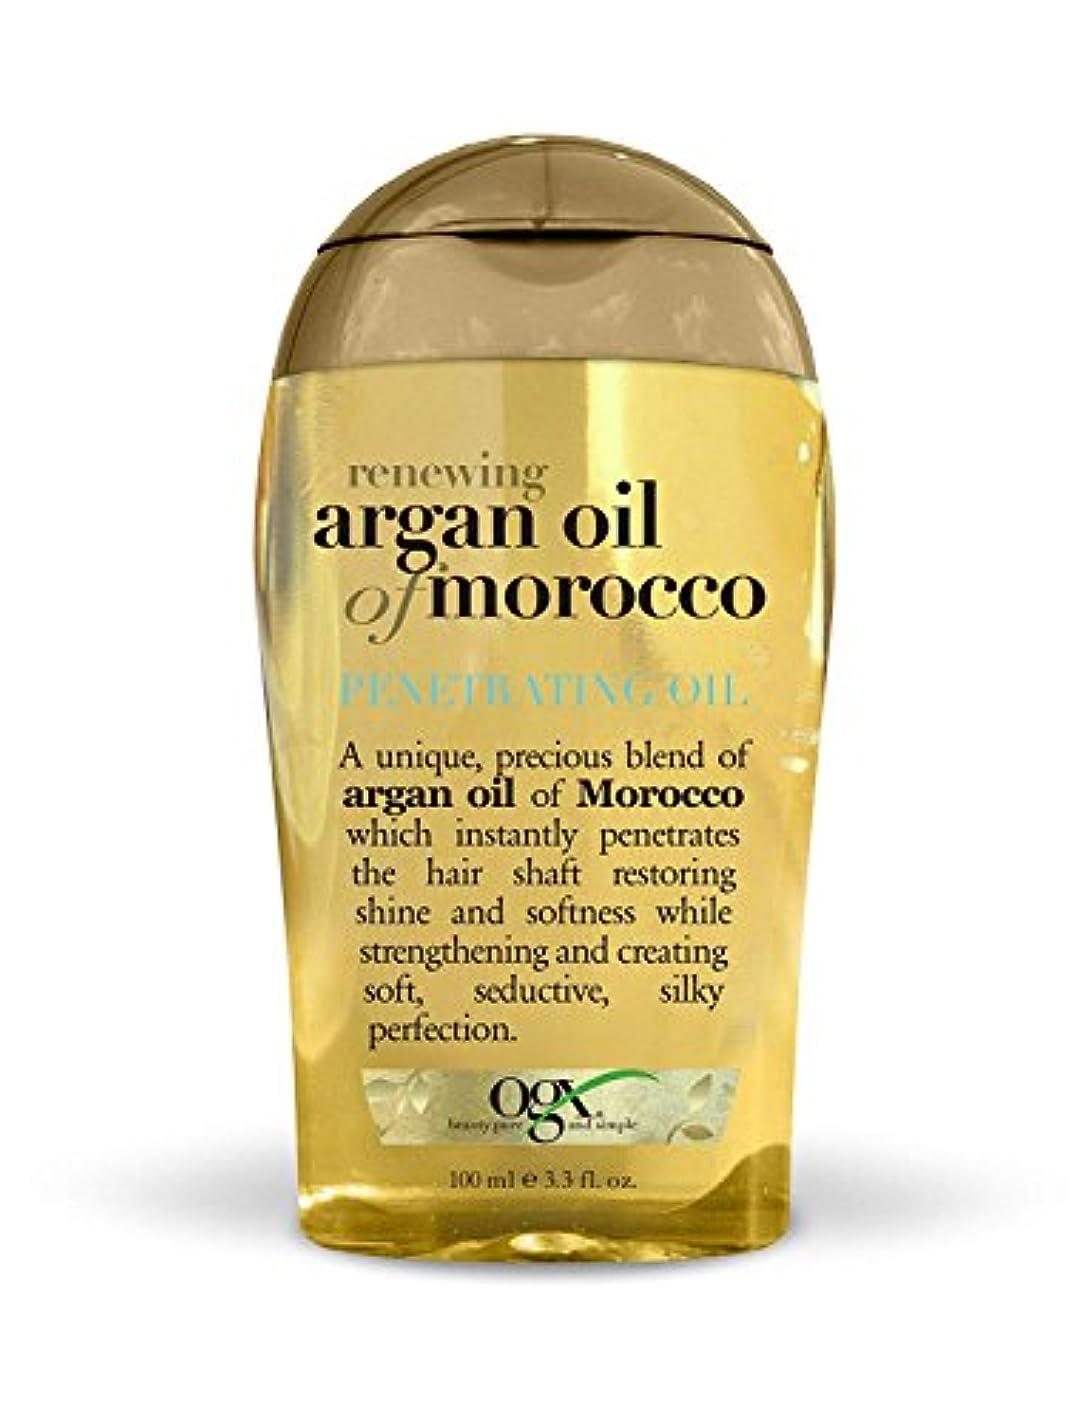 悪夢骨してはいけませんOrganix Moroccan Argan Oil Penetrating Oil 100 ml x 3 パック (並行輸入品)